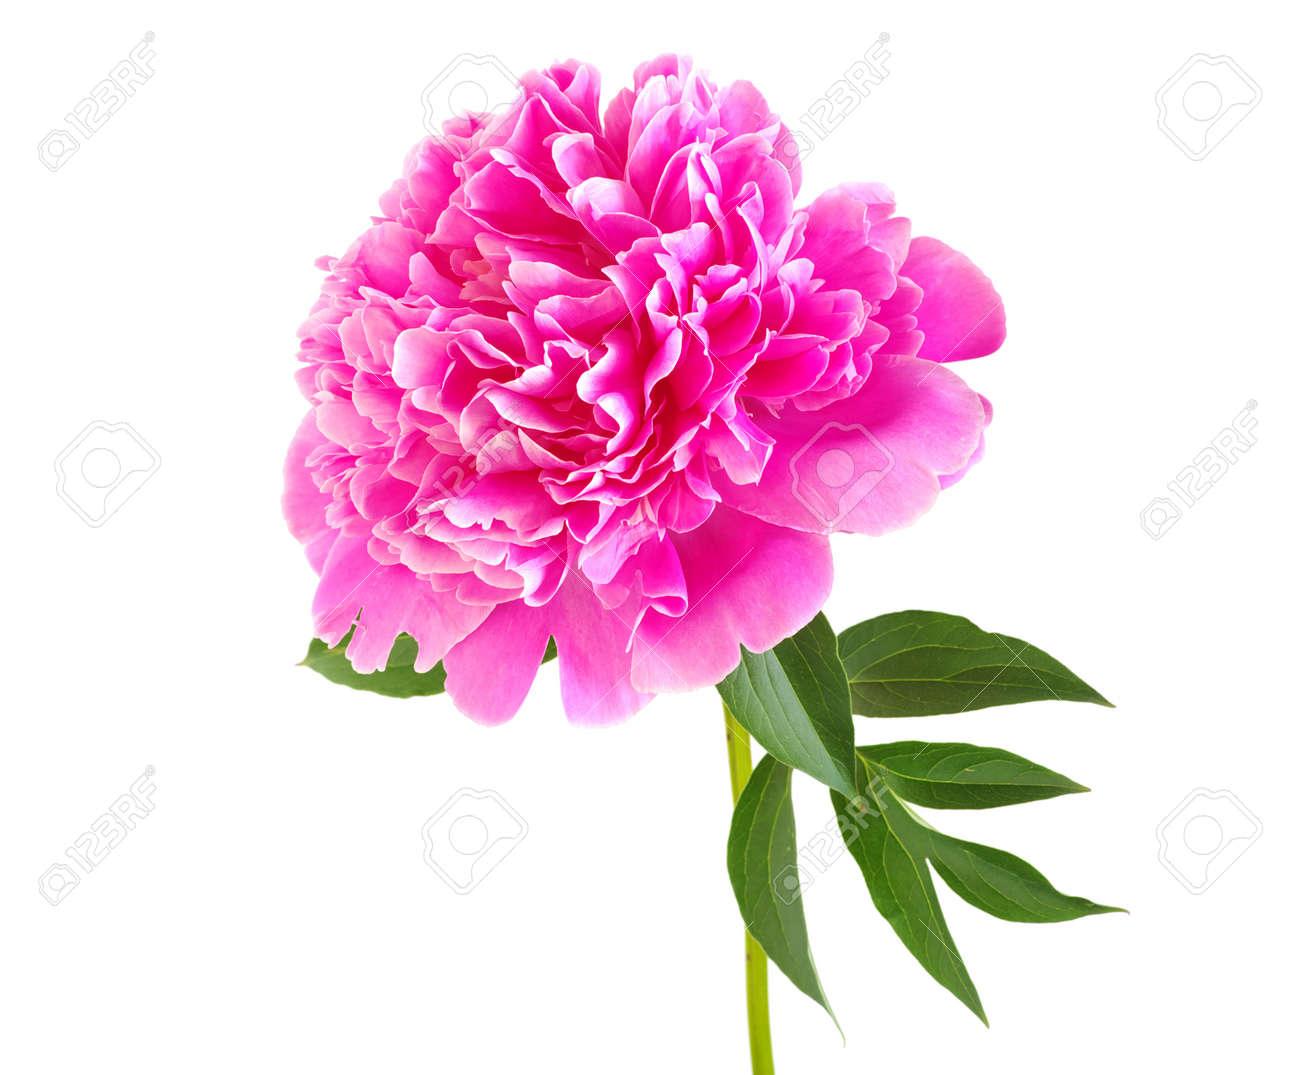 Banque d\u0027images , pivoine rose fleur isol?e sur fond blanc